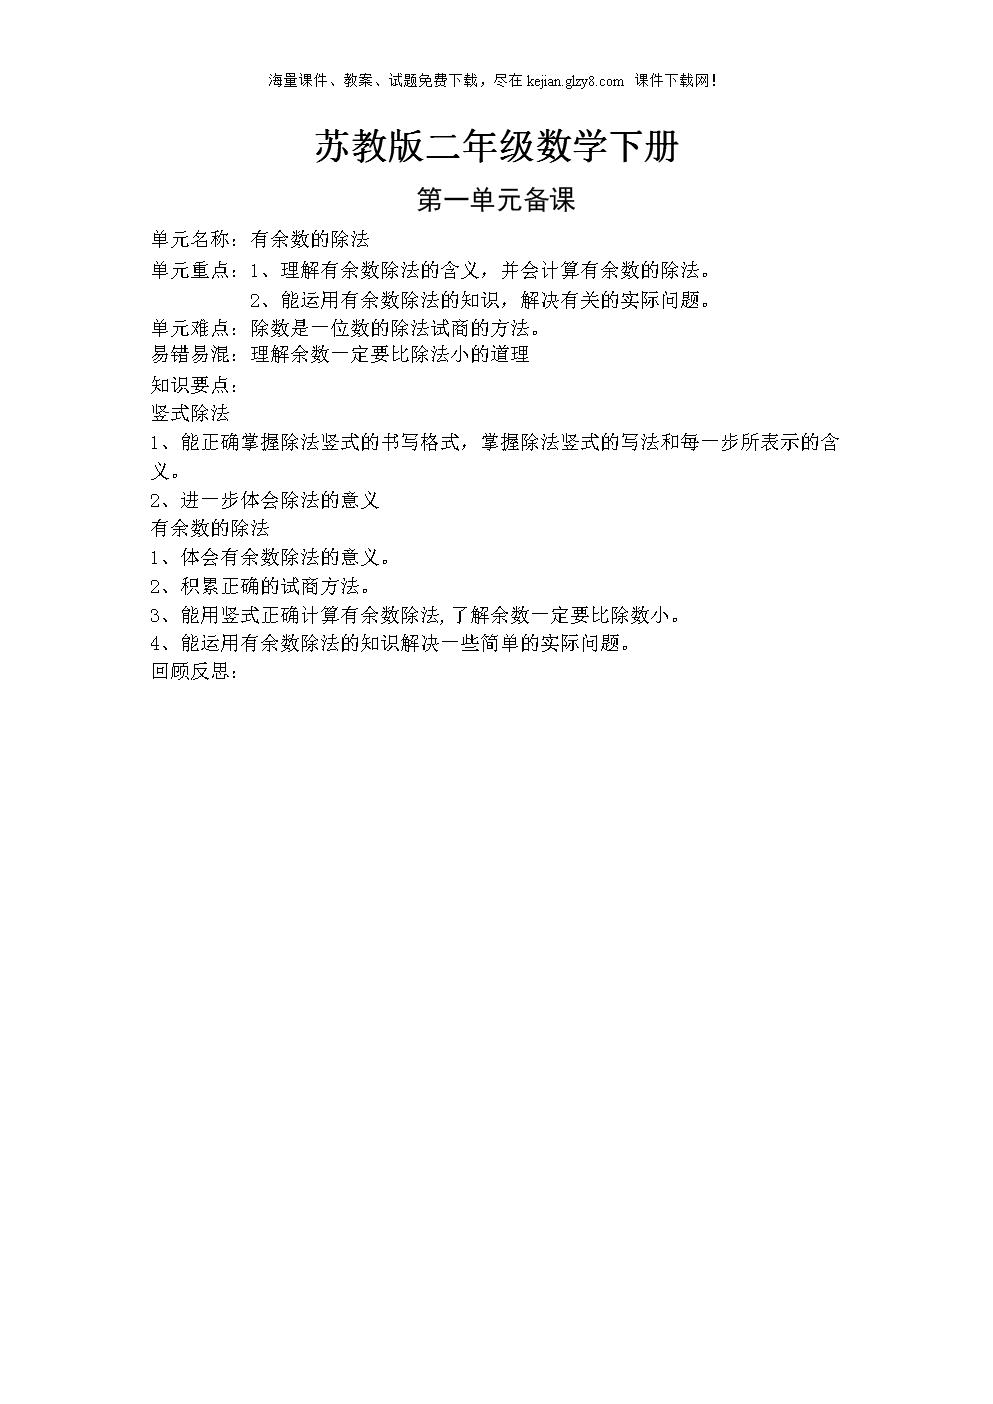 2014苏教版二级下册数学1单元教案.doc图片